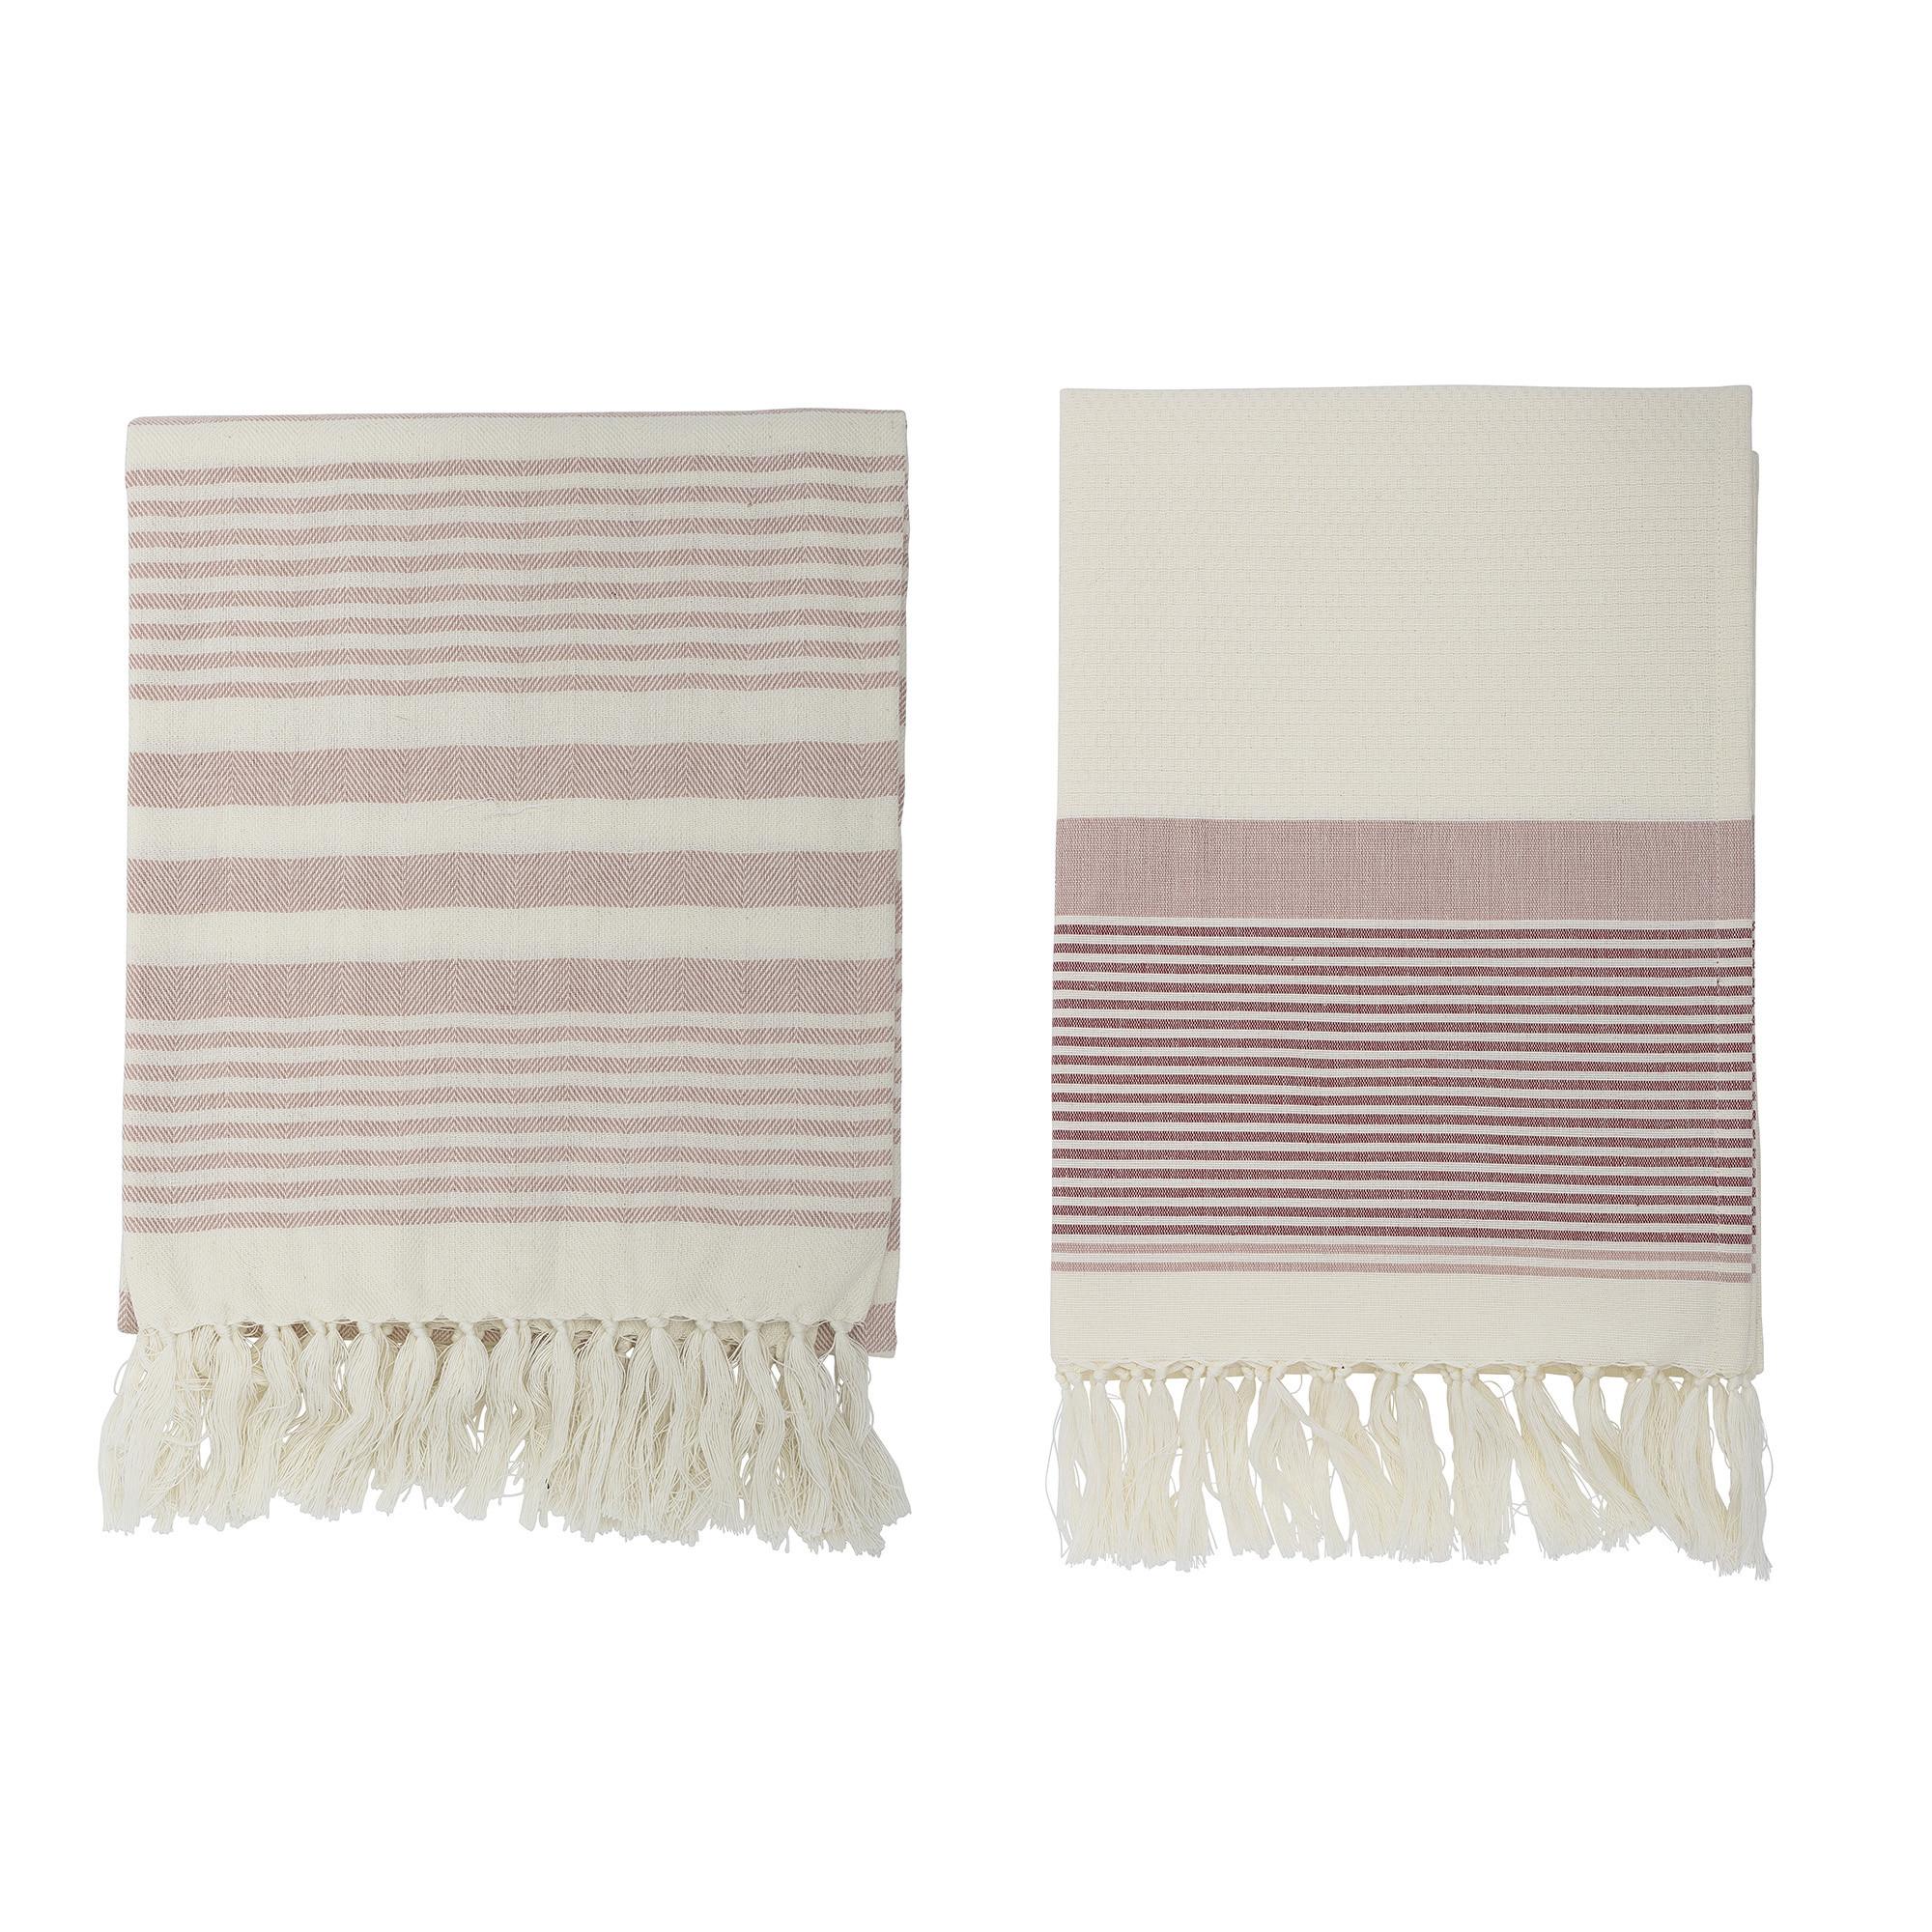 Billede af Loke håndklæde, rosa - 120x80 cm (2 stk)